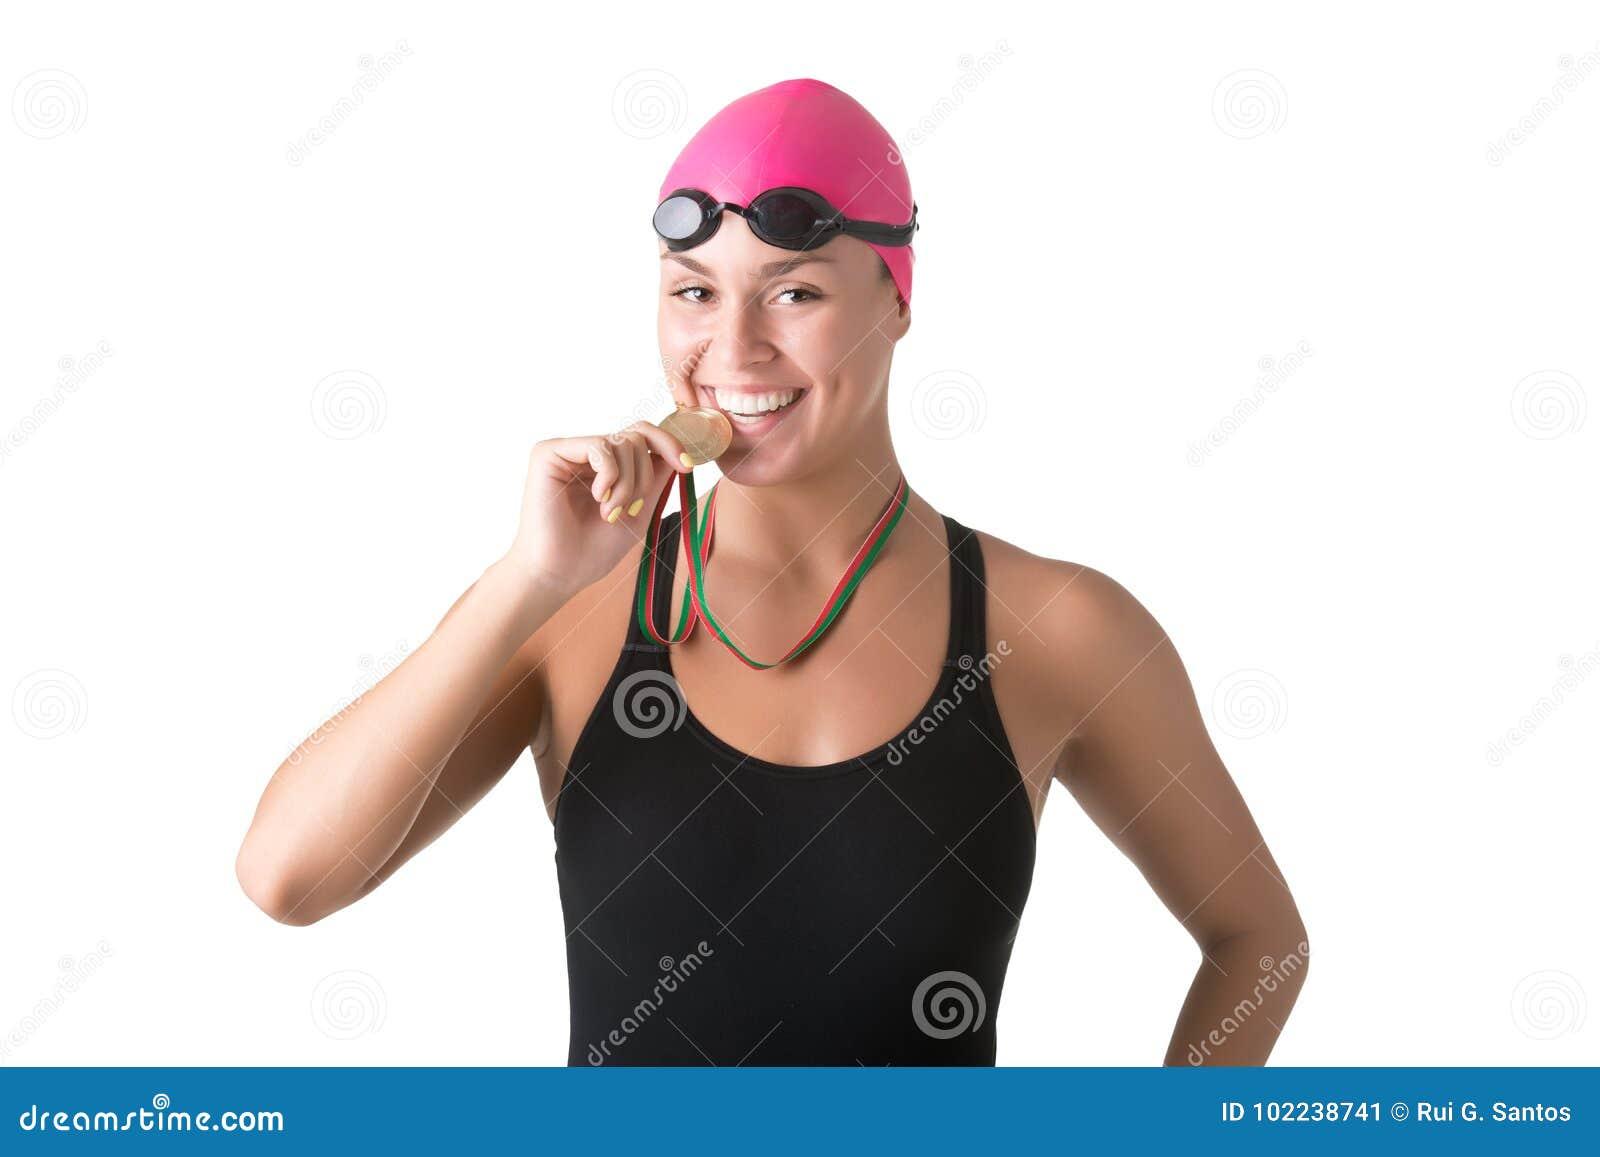 Female Swimmer Biting Medal